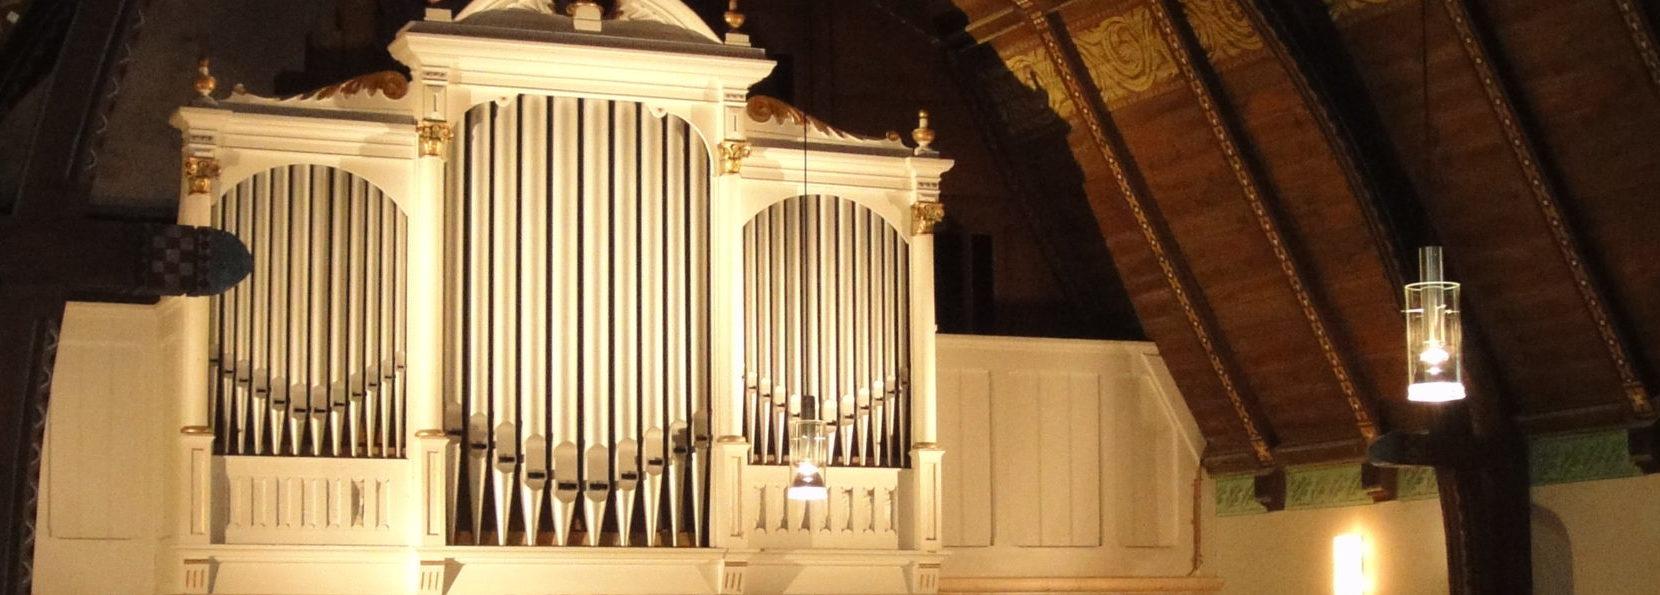 Die Jehmlich-Orgel der Hainkirche St. Vinzenz